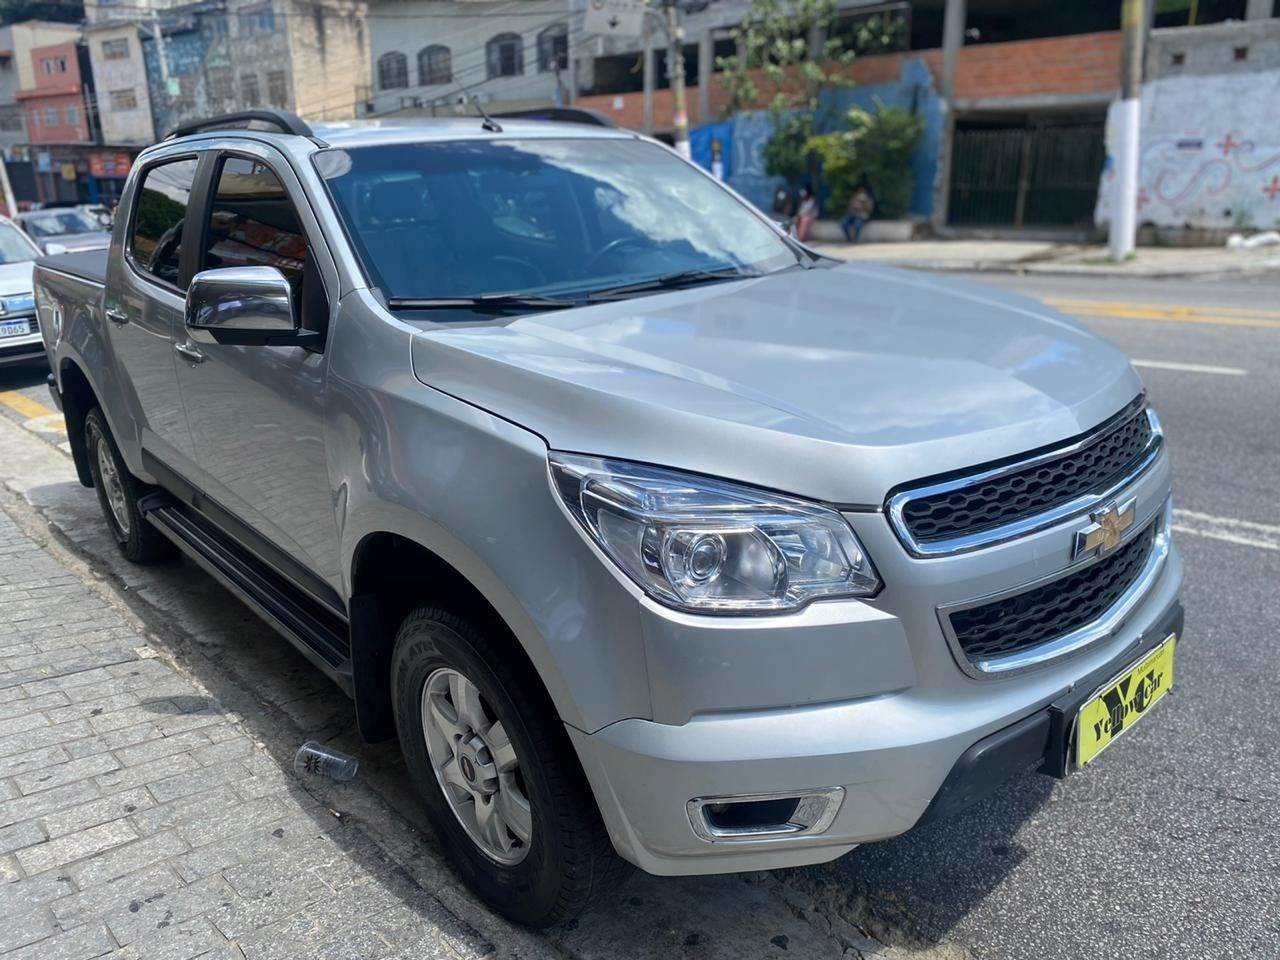 //www.autoline.com.br/carro/chevrolet/s-10-25-cd-ltz-16v-flex-4p-manual/2015/sao-paulo-sp/13909628